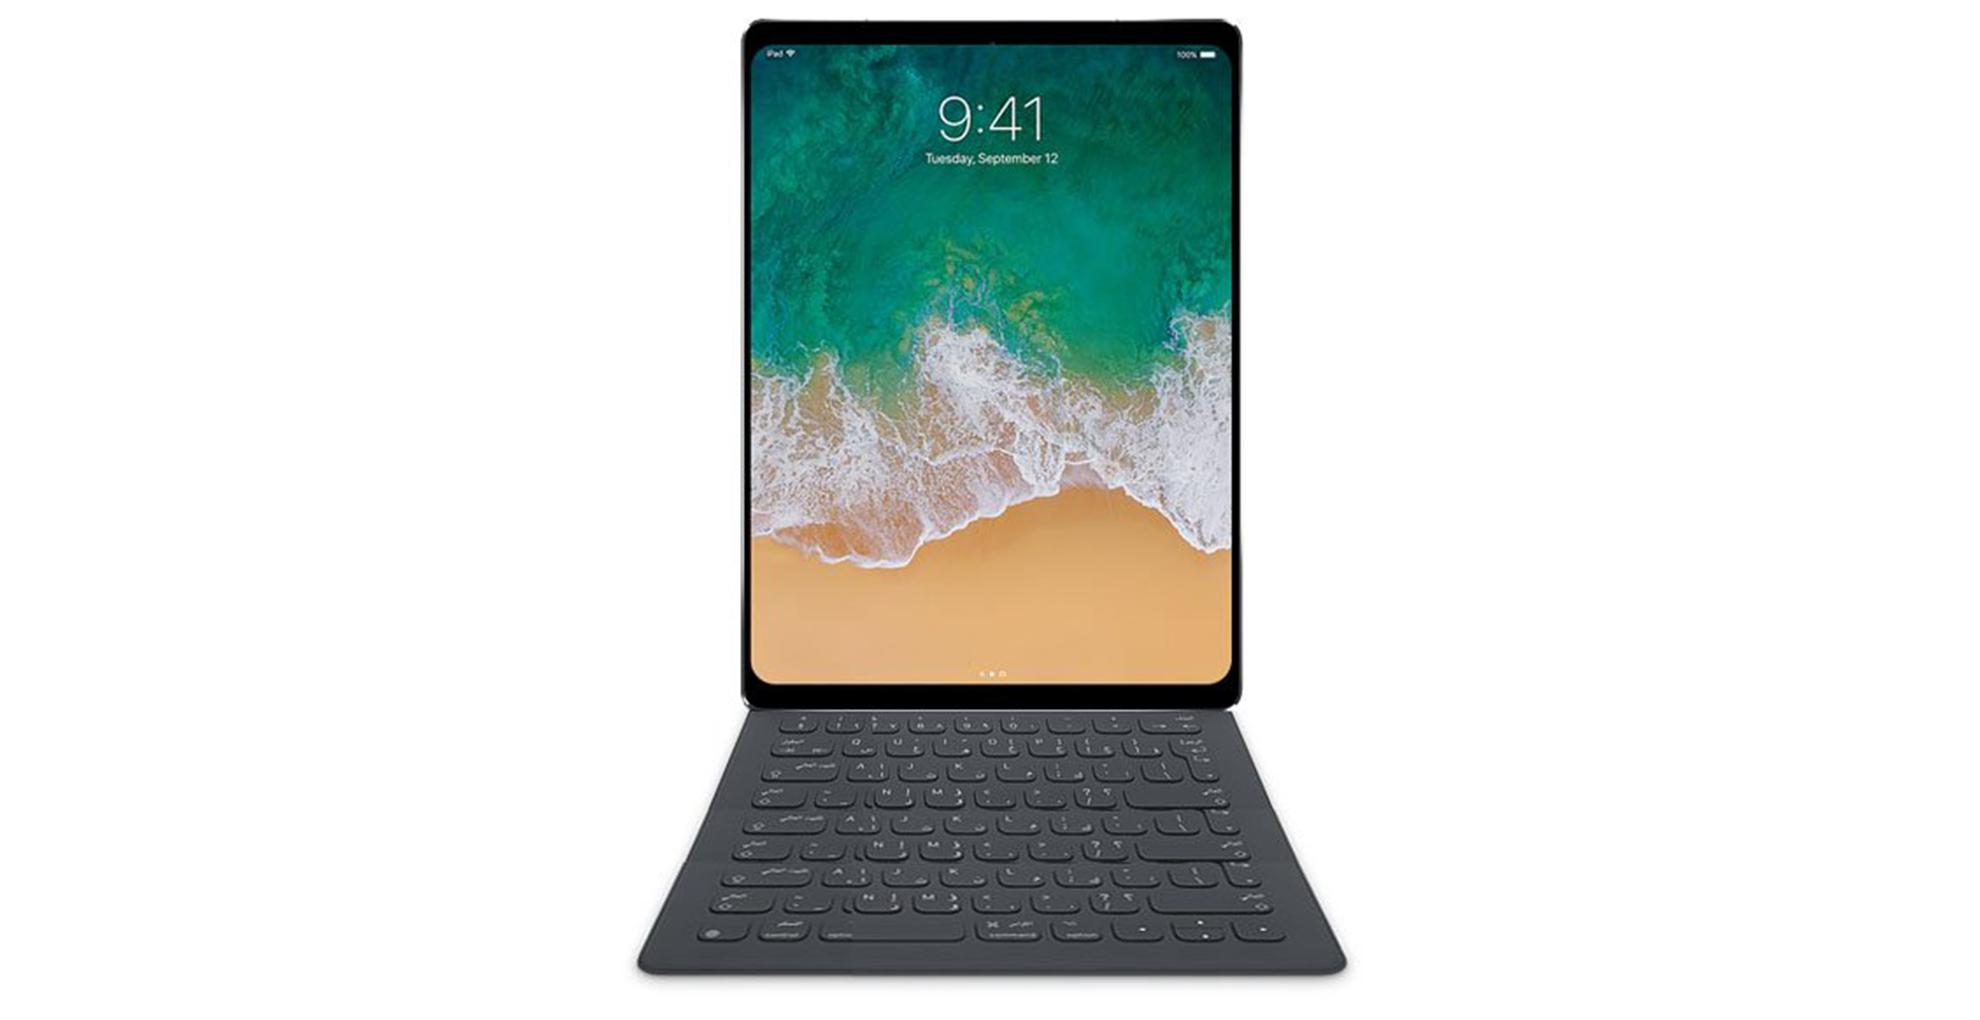 iPad Pro nabídne nový design, přijde o 3,5 mm jack konektor a mnohem více